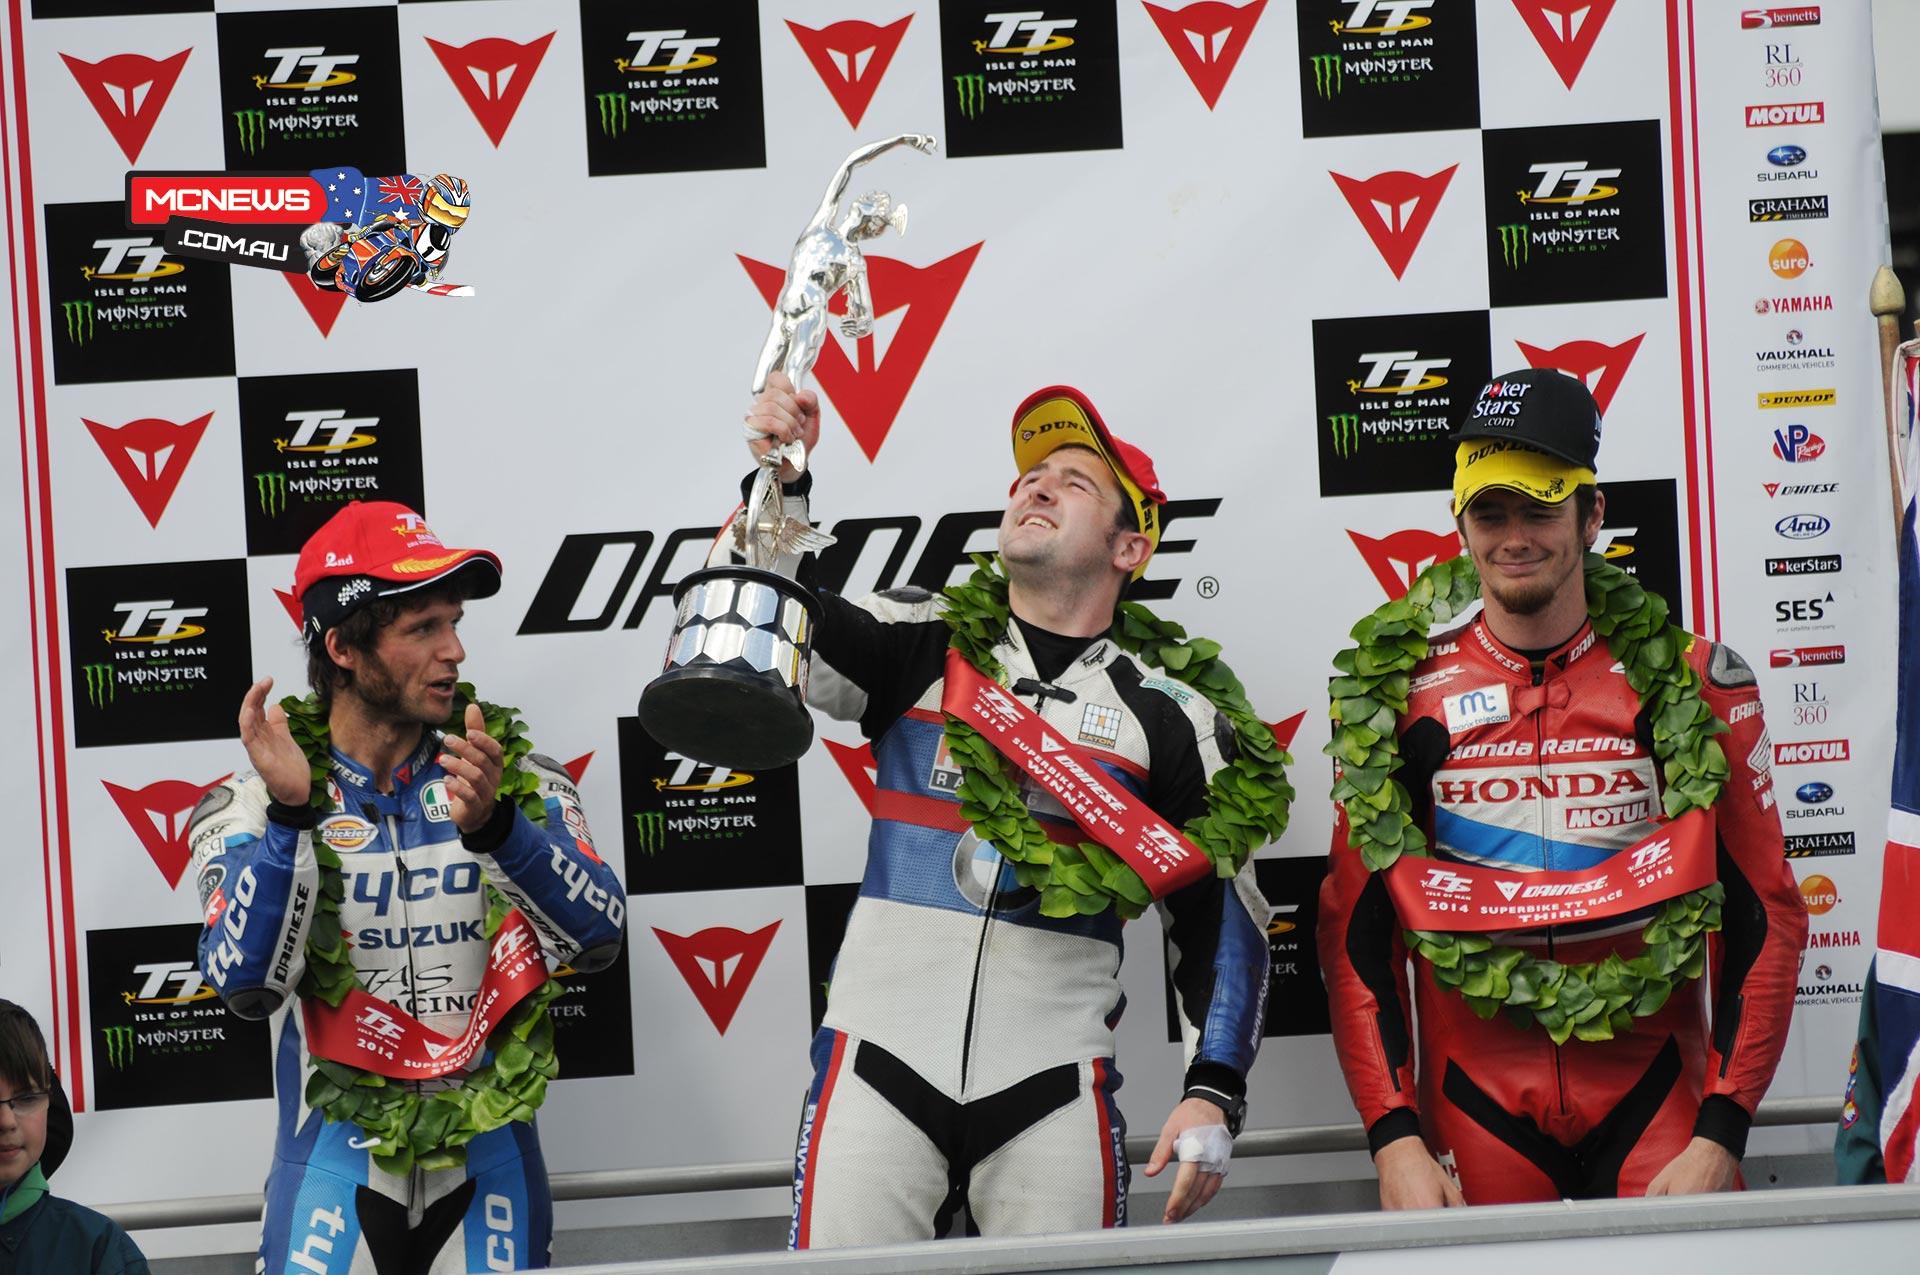 IOM TT 2014 Superbike TT Podium. Michael Dunlop (1st), Guy Martin (2nd), Conor Cummins (3rd).